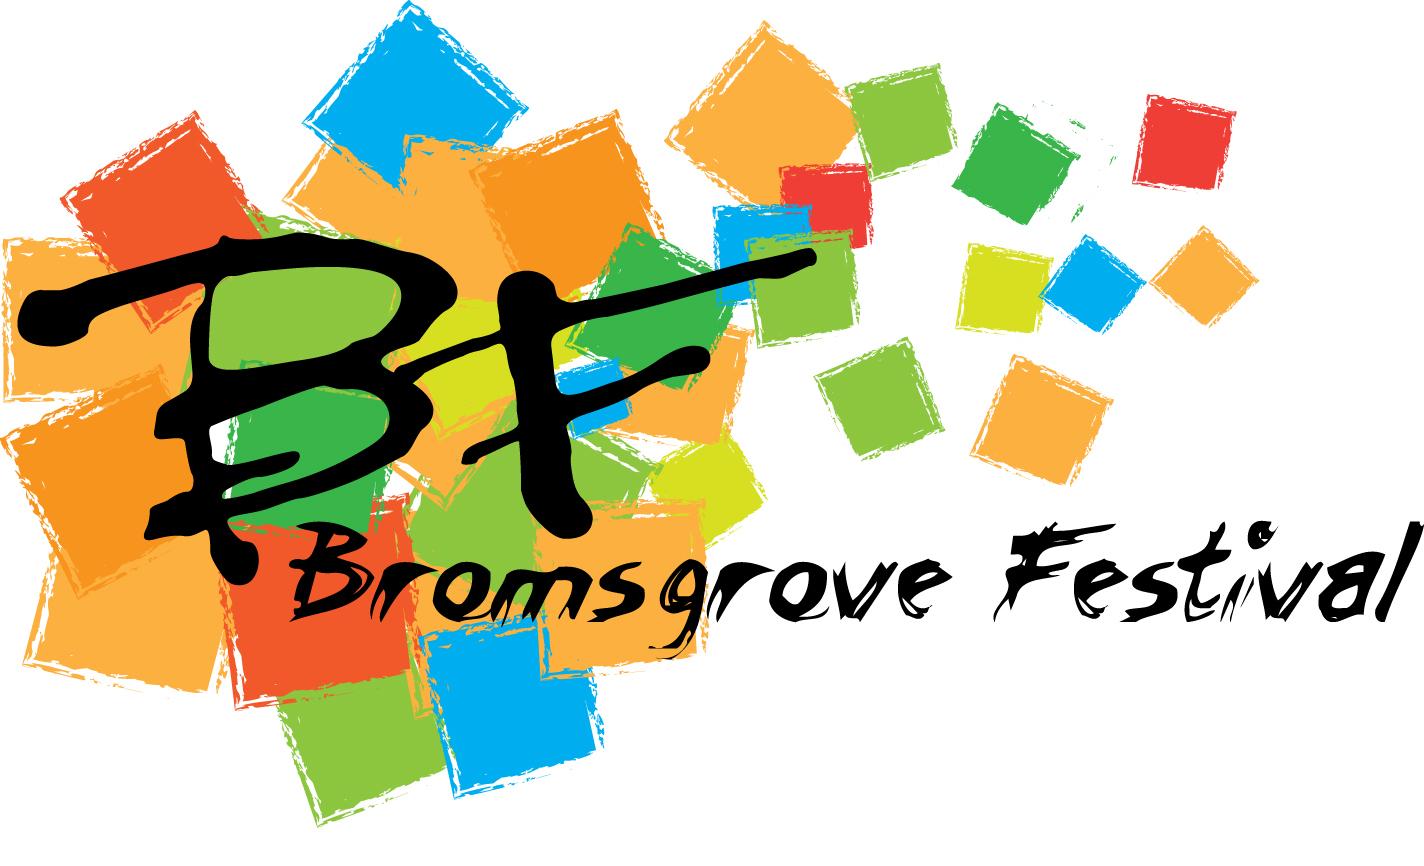 Bromsgrove Festival logo